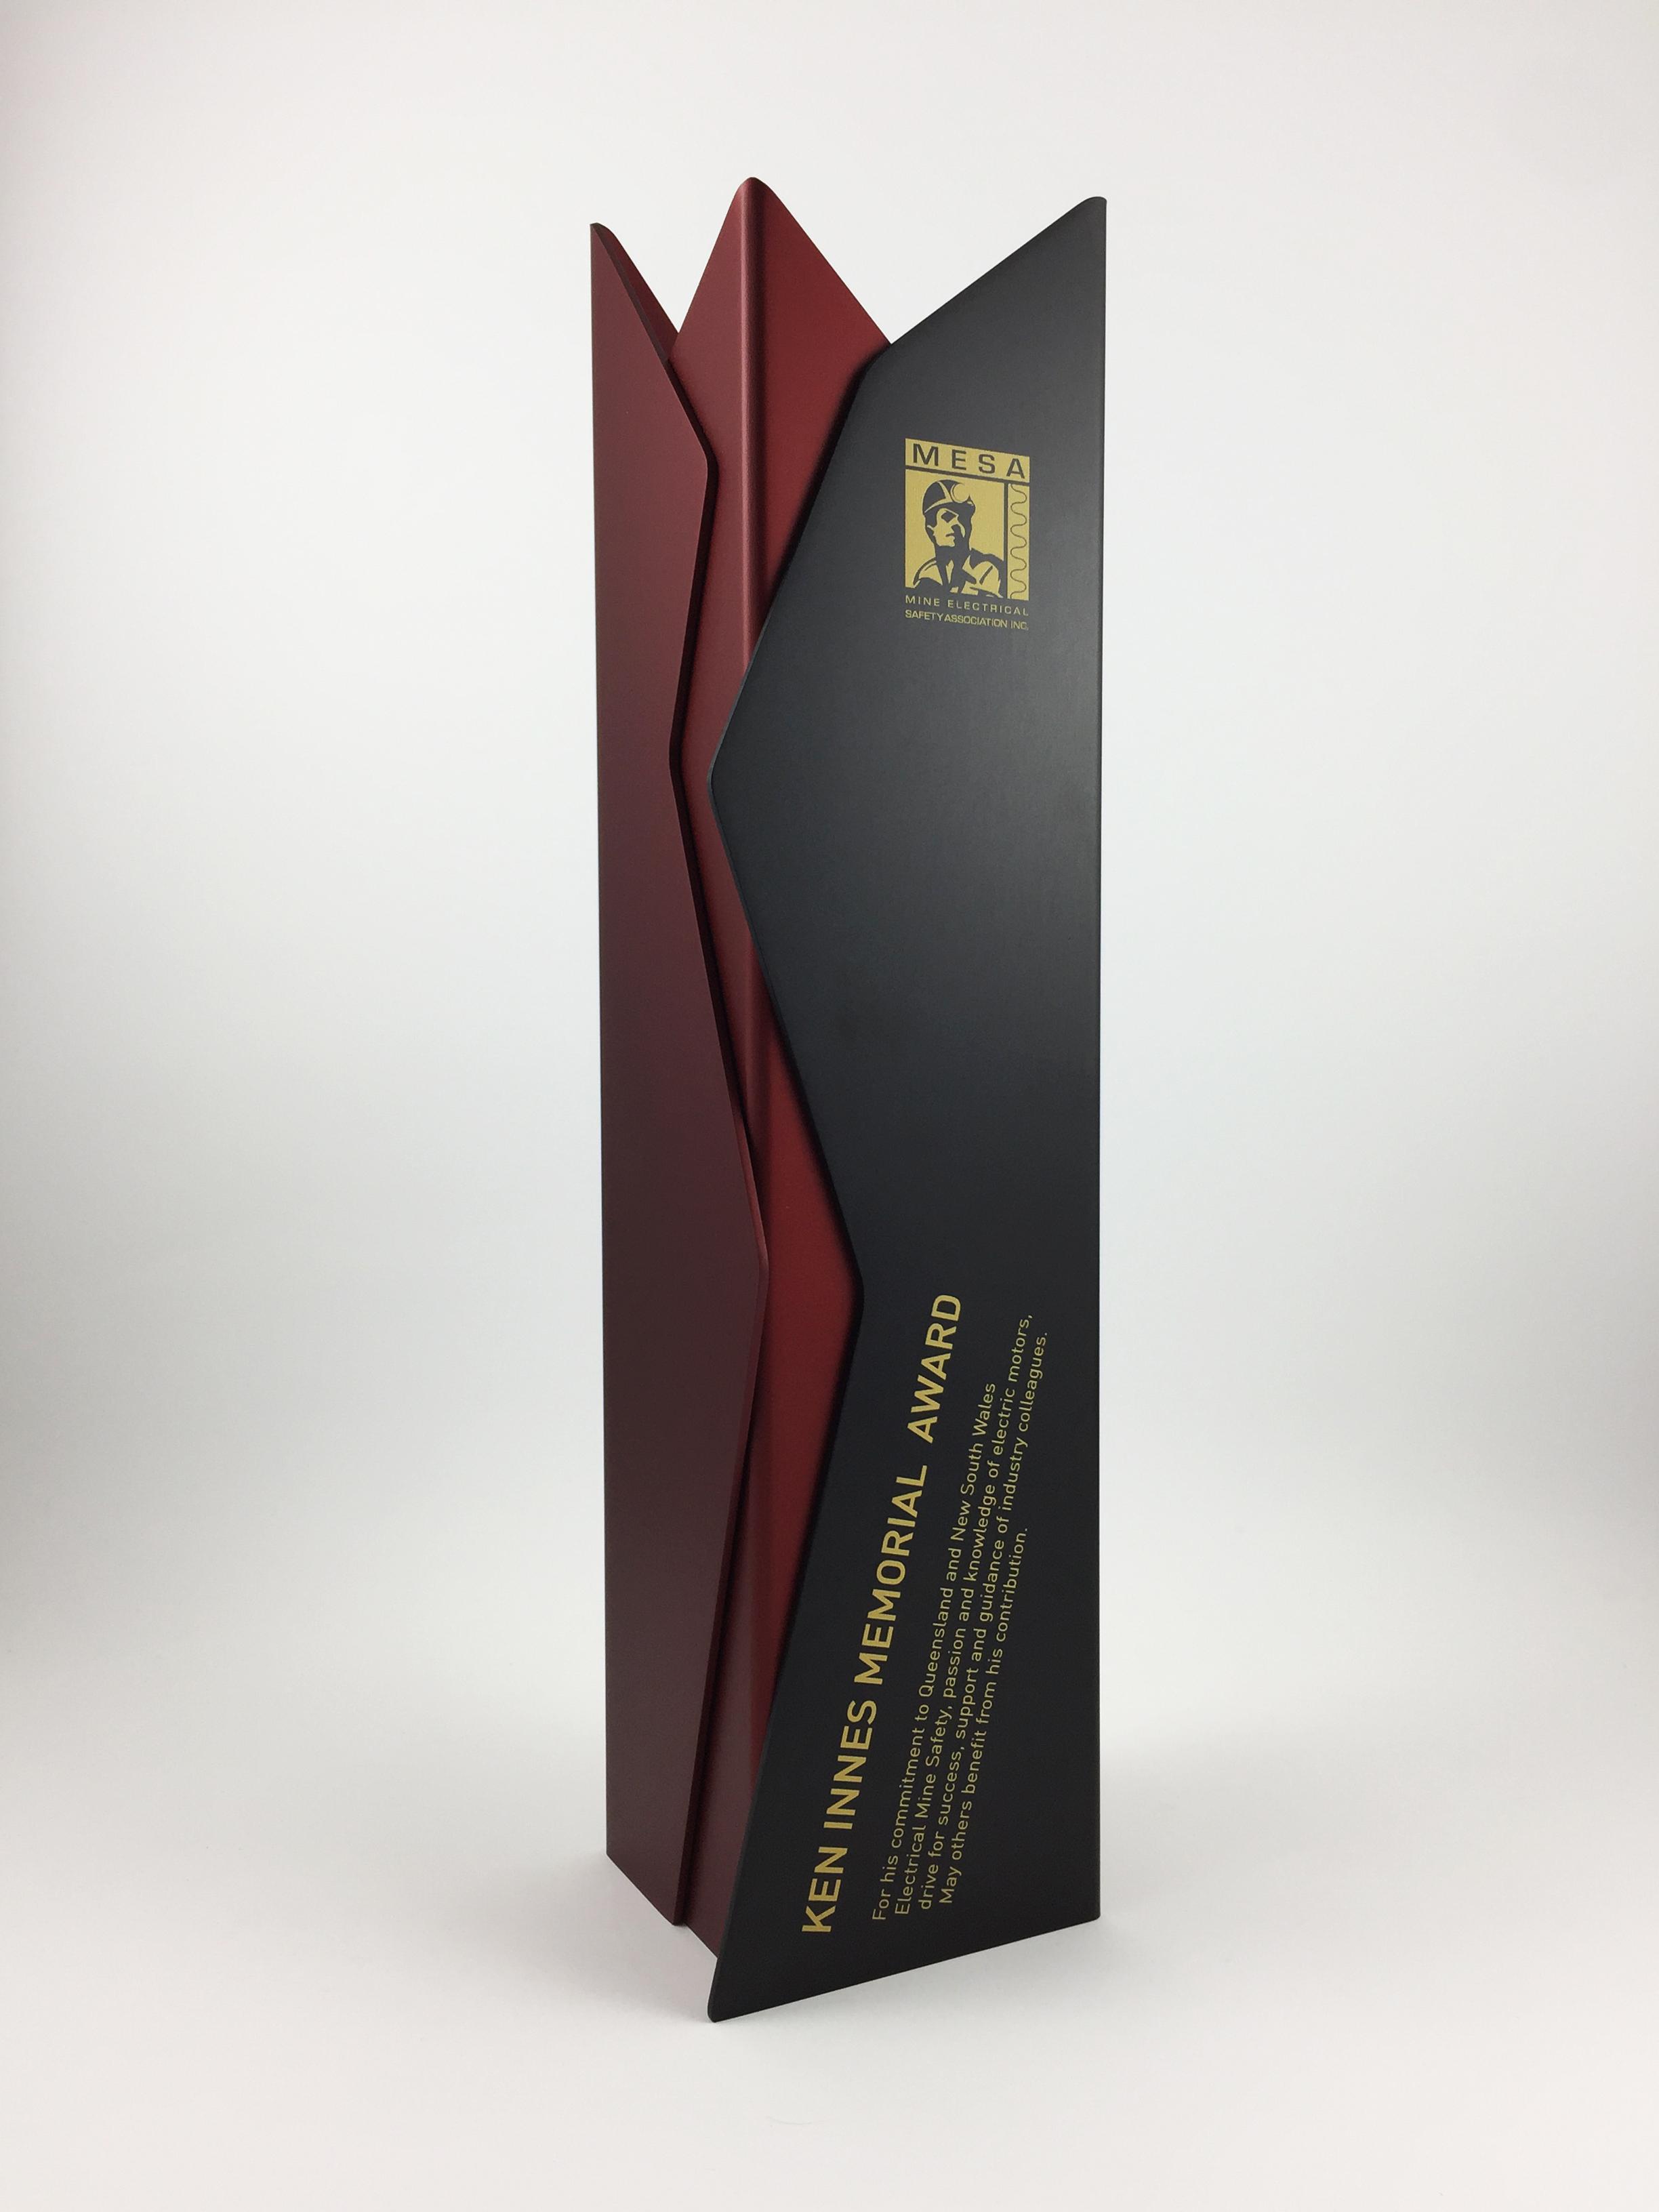 mesa-aluminium-trophy-awards-02.jpg